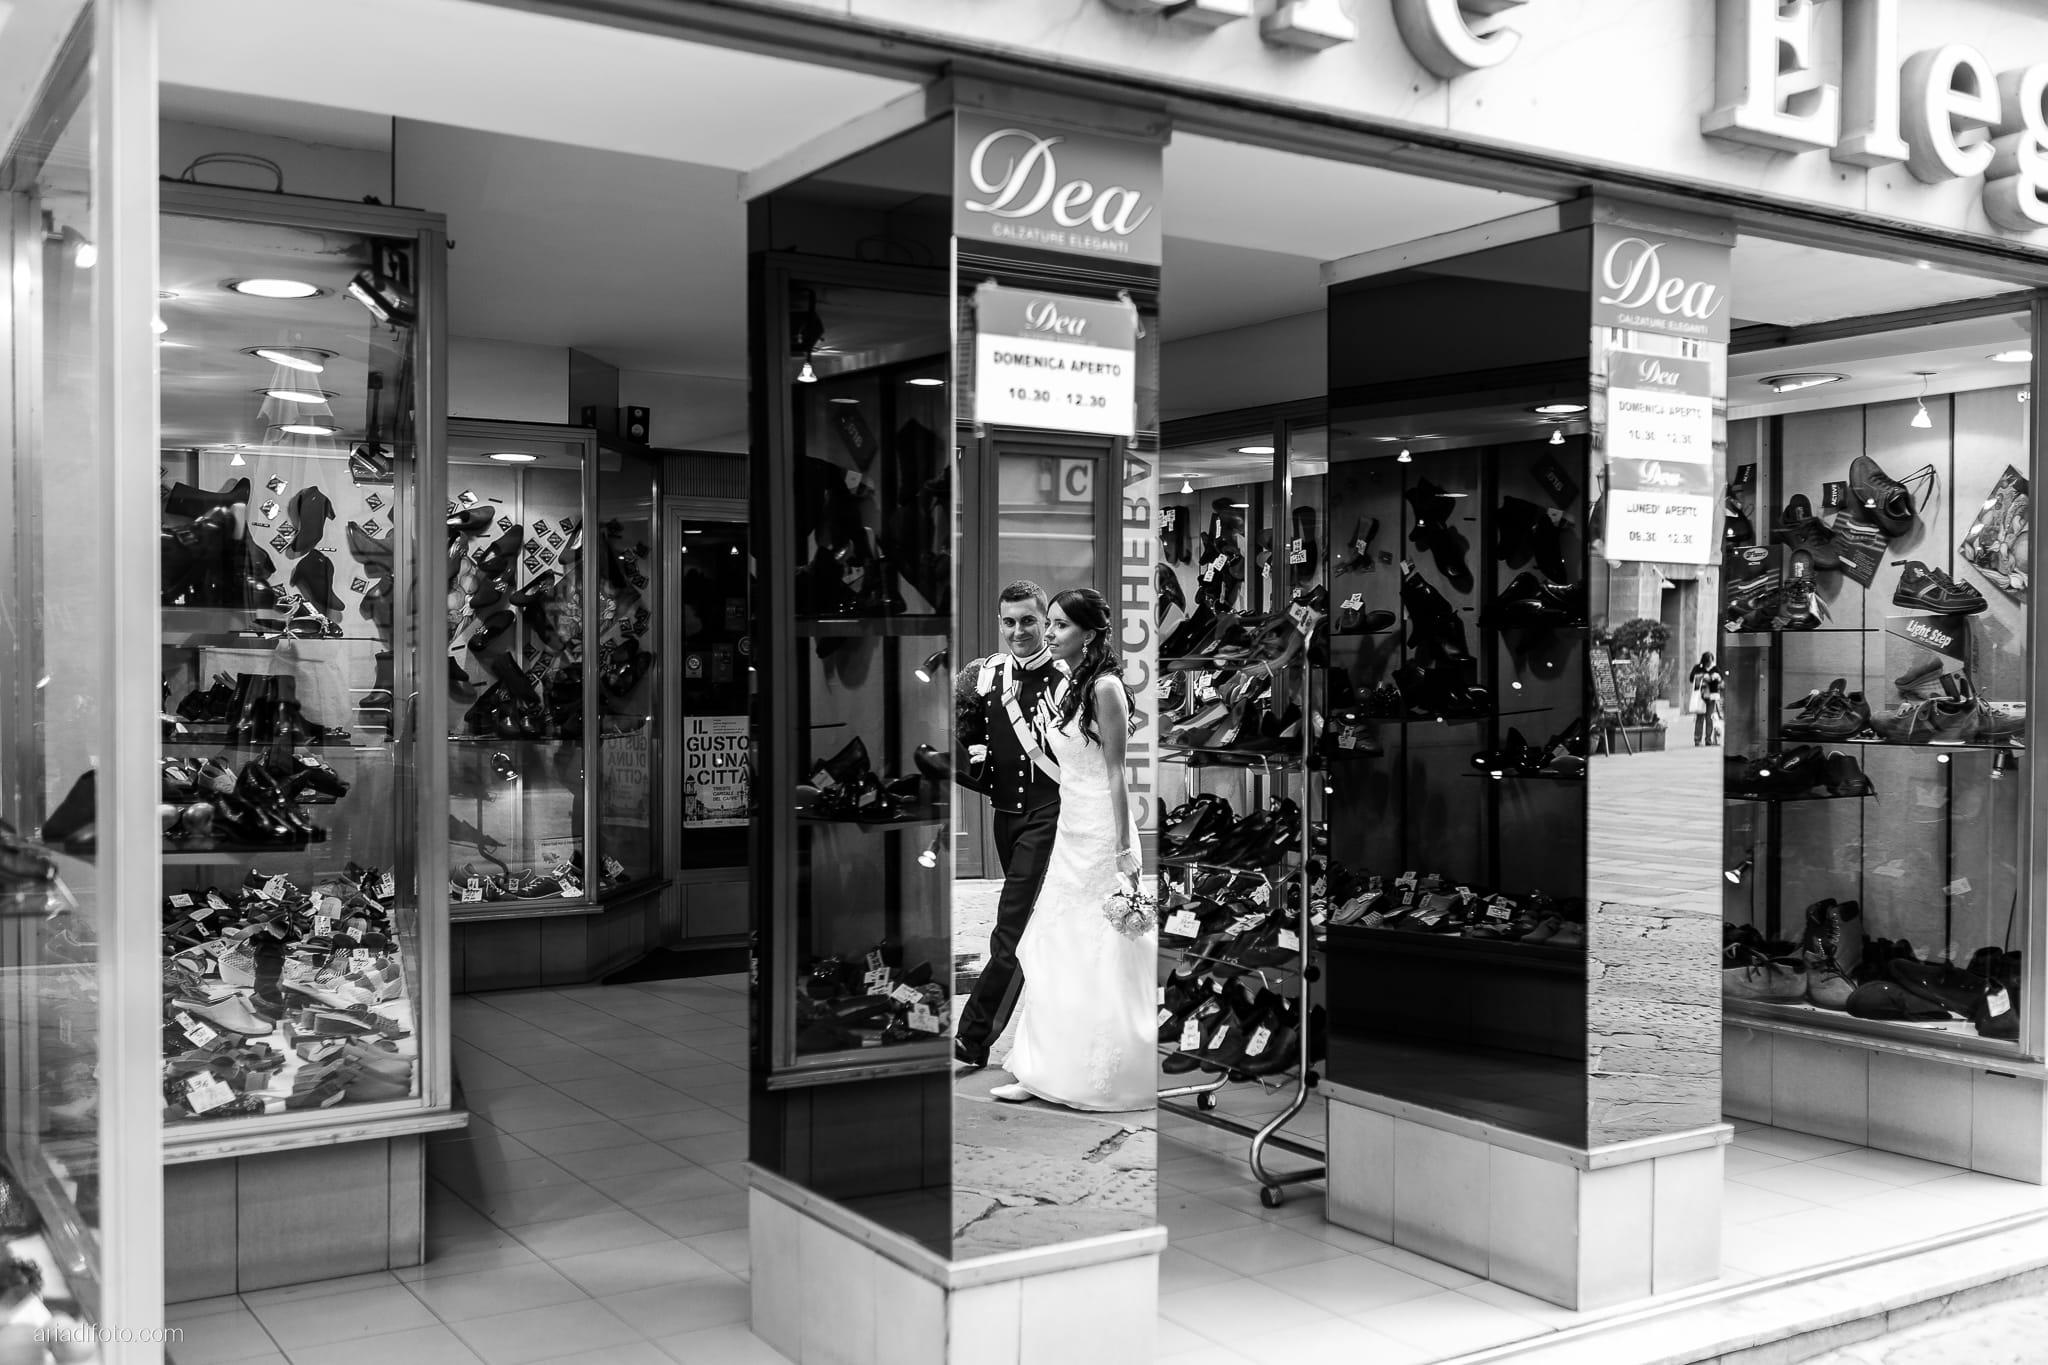 Magdalena Massimo Matrimonio Ristorante Le Terrazze Riviera Trieste ritratti sposi Cavana riflesso specchio